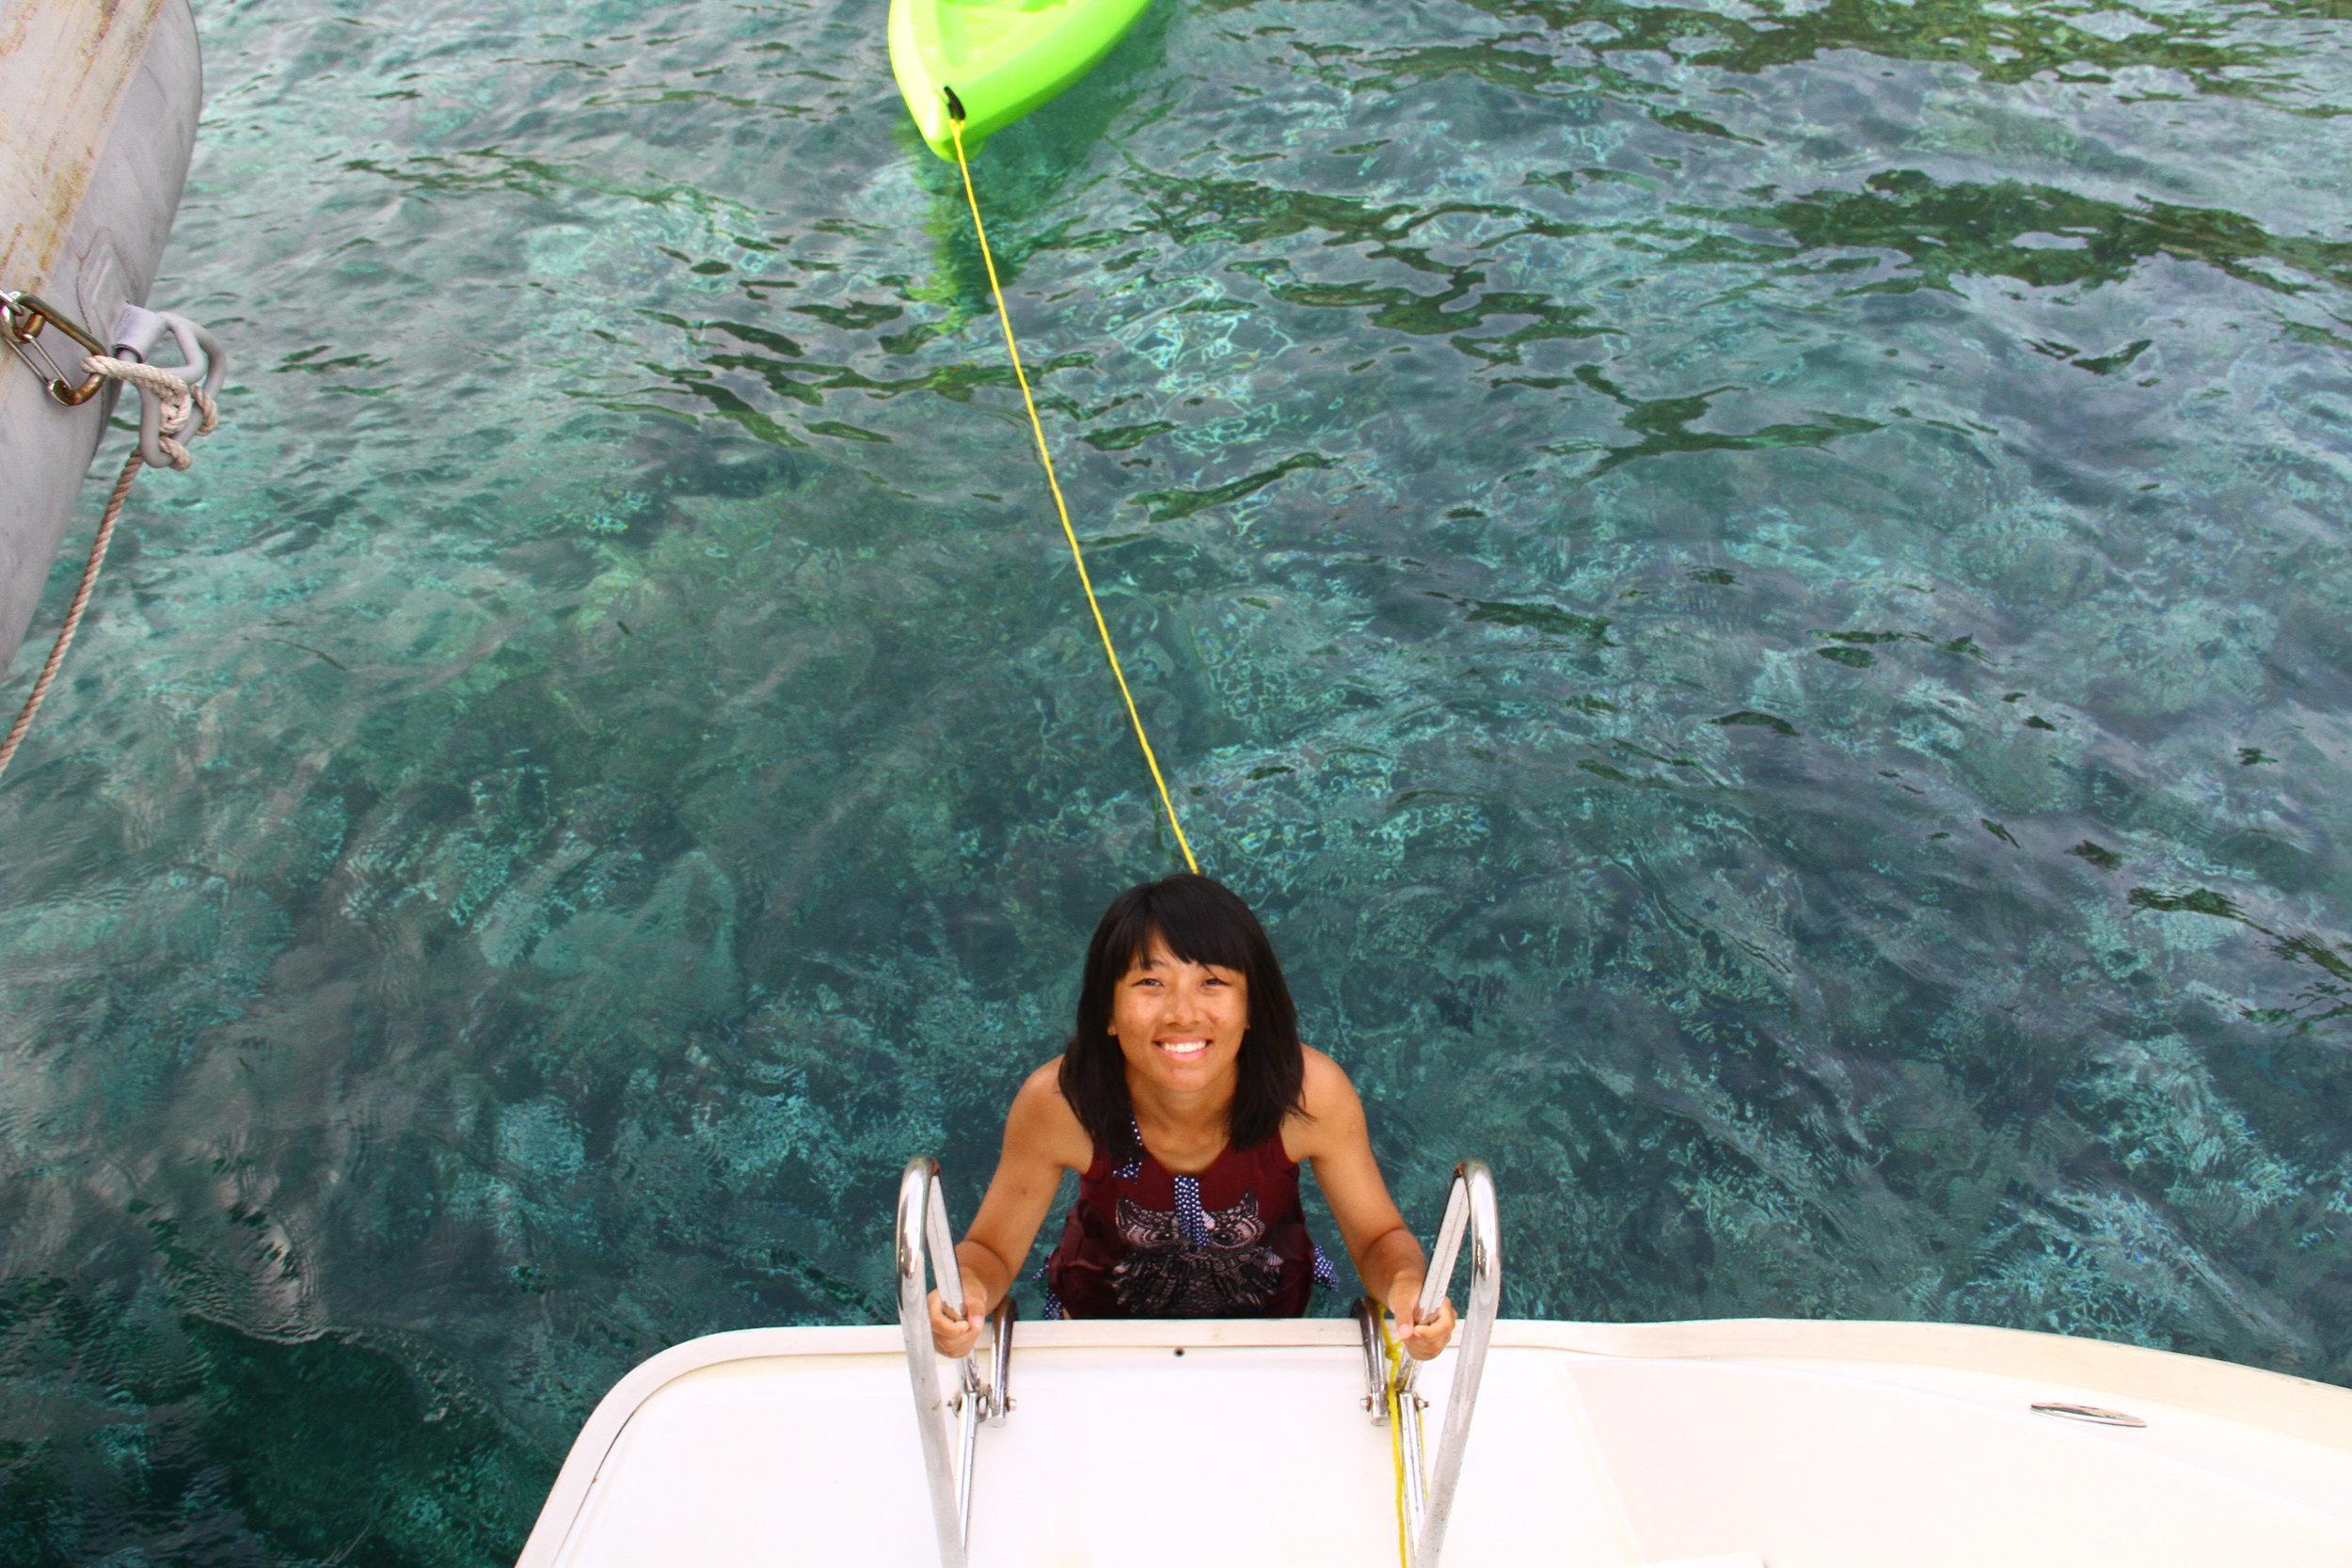 sailingadventures-ximulasail.jpg